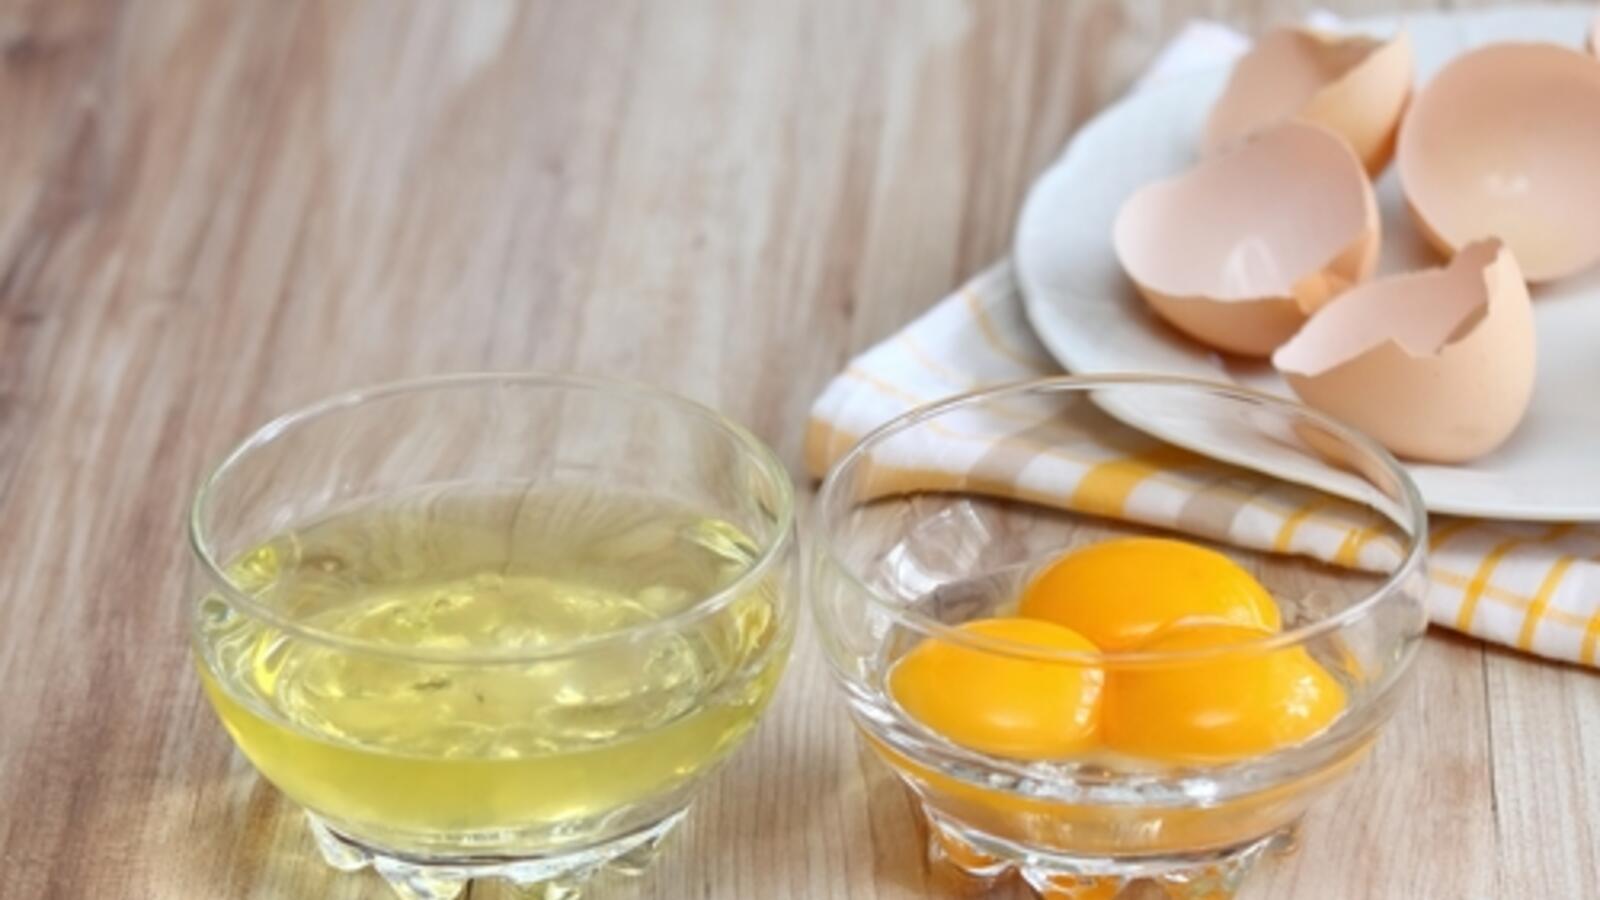 وصفة بياض البيض